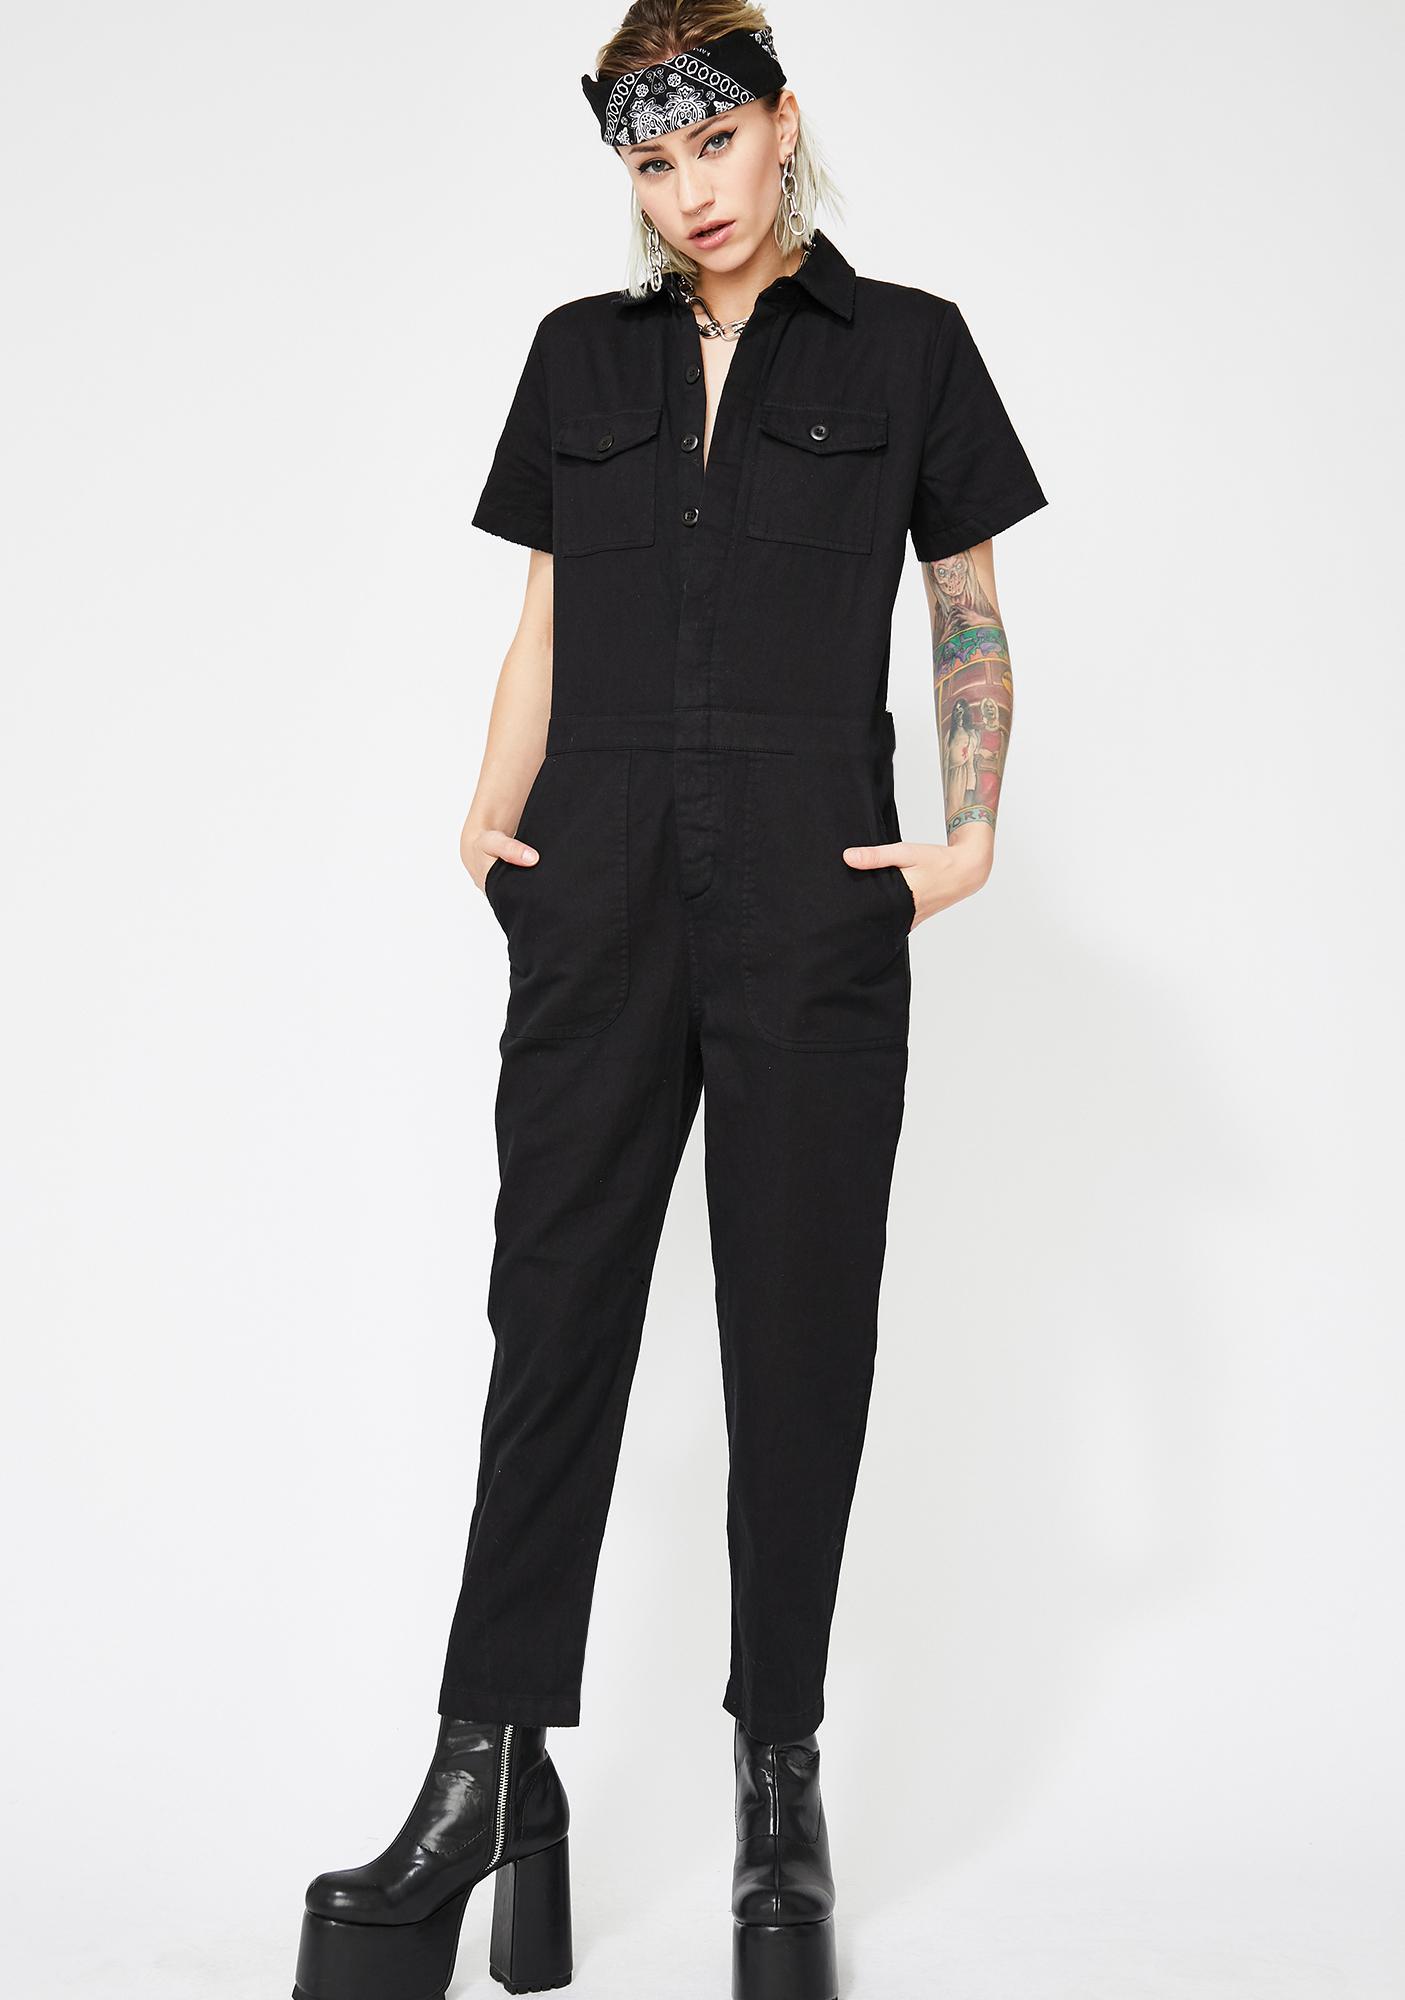 c94c23451cc Short Sleeve Boiler Suit